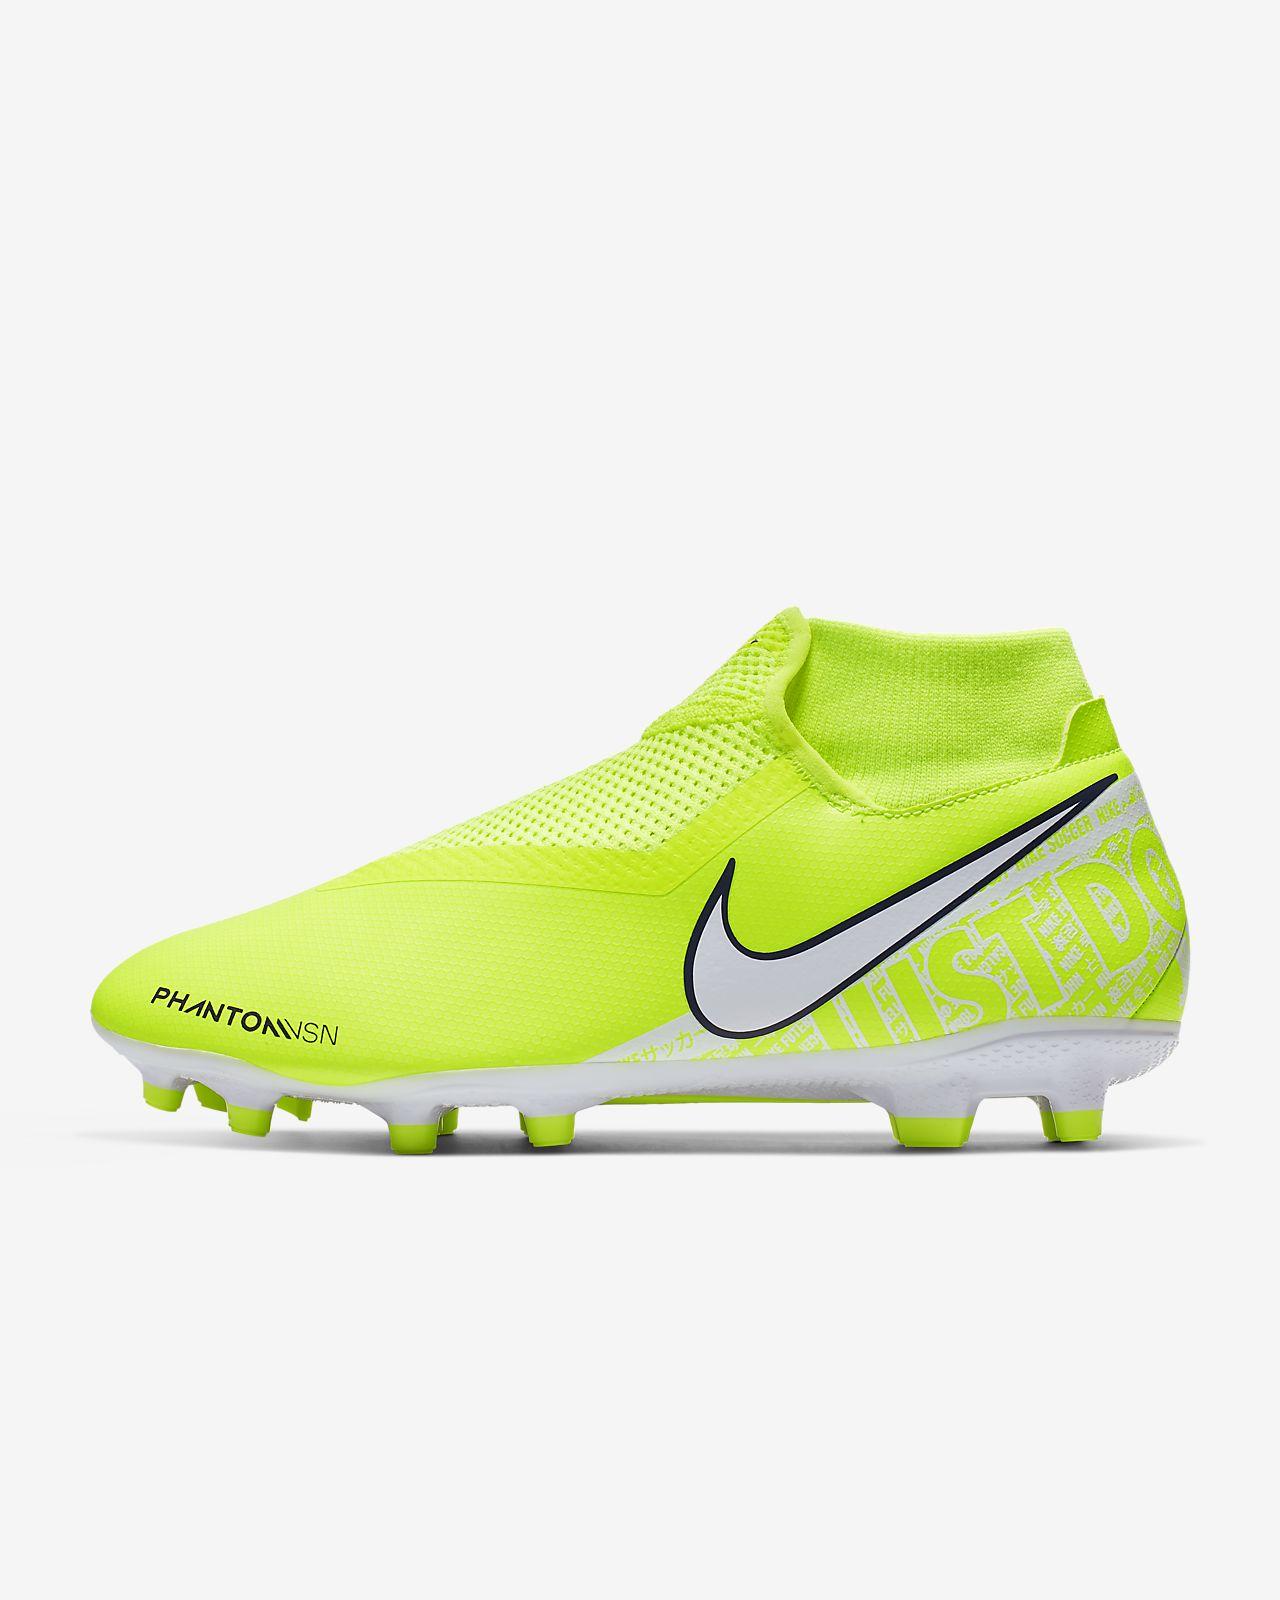 Nike Phantom Vision Academy Dynamic Fit MG fotballsko til flere typer underlag